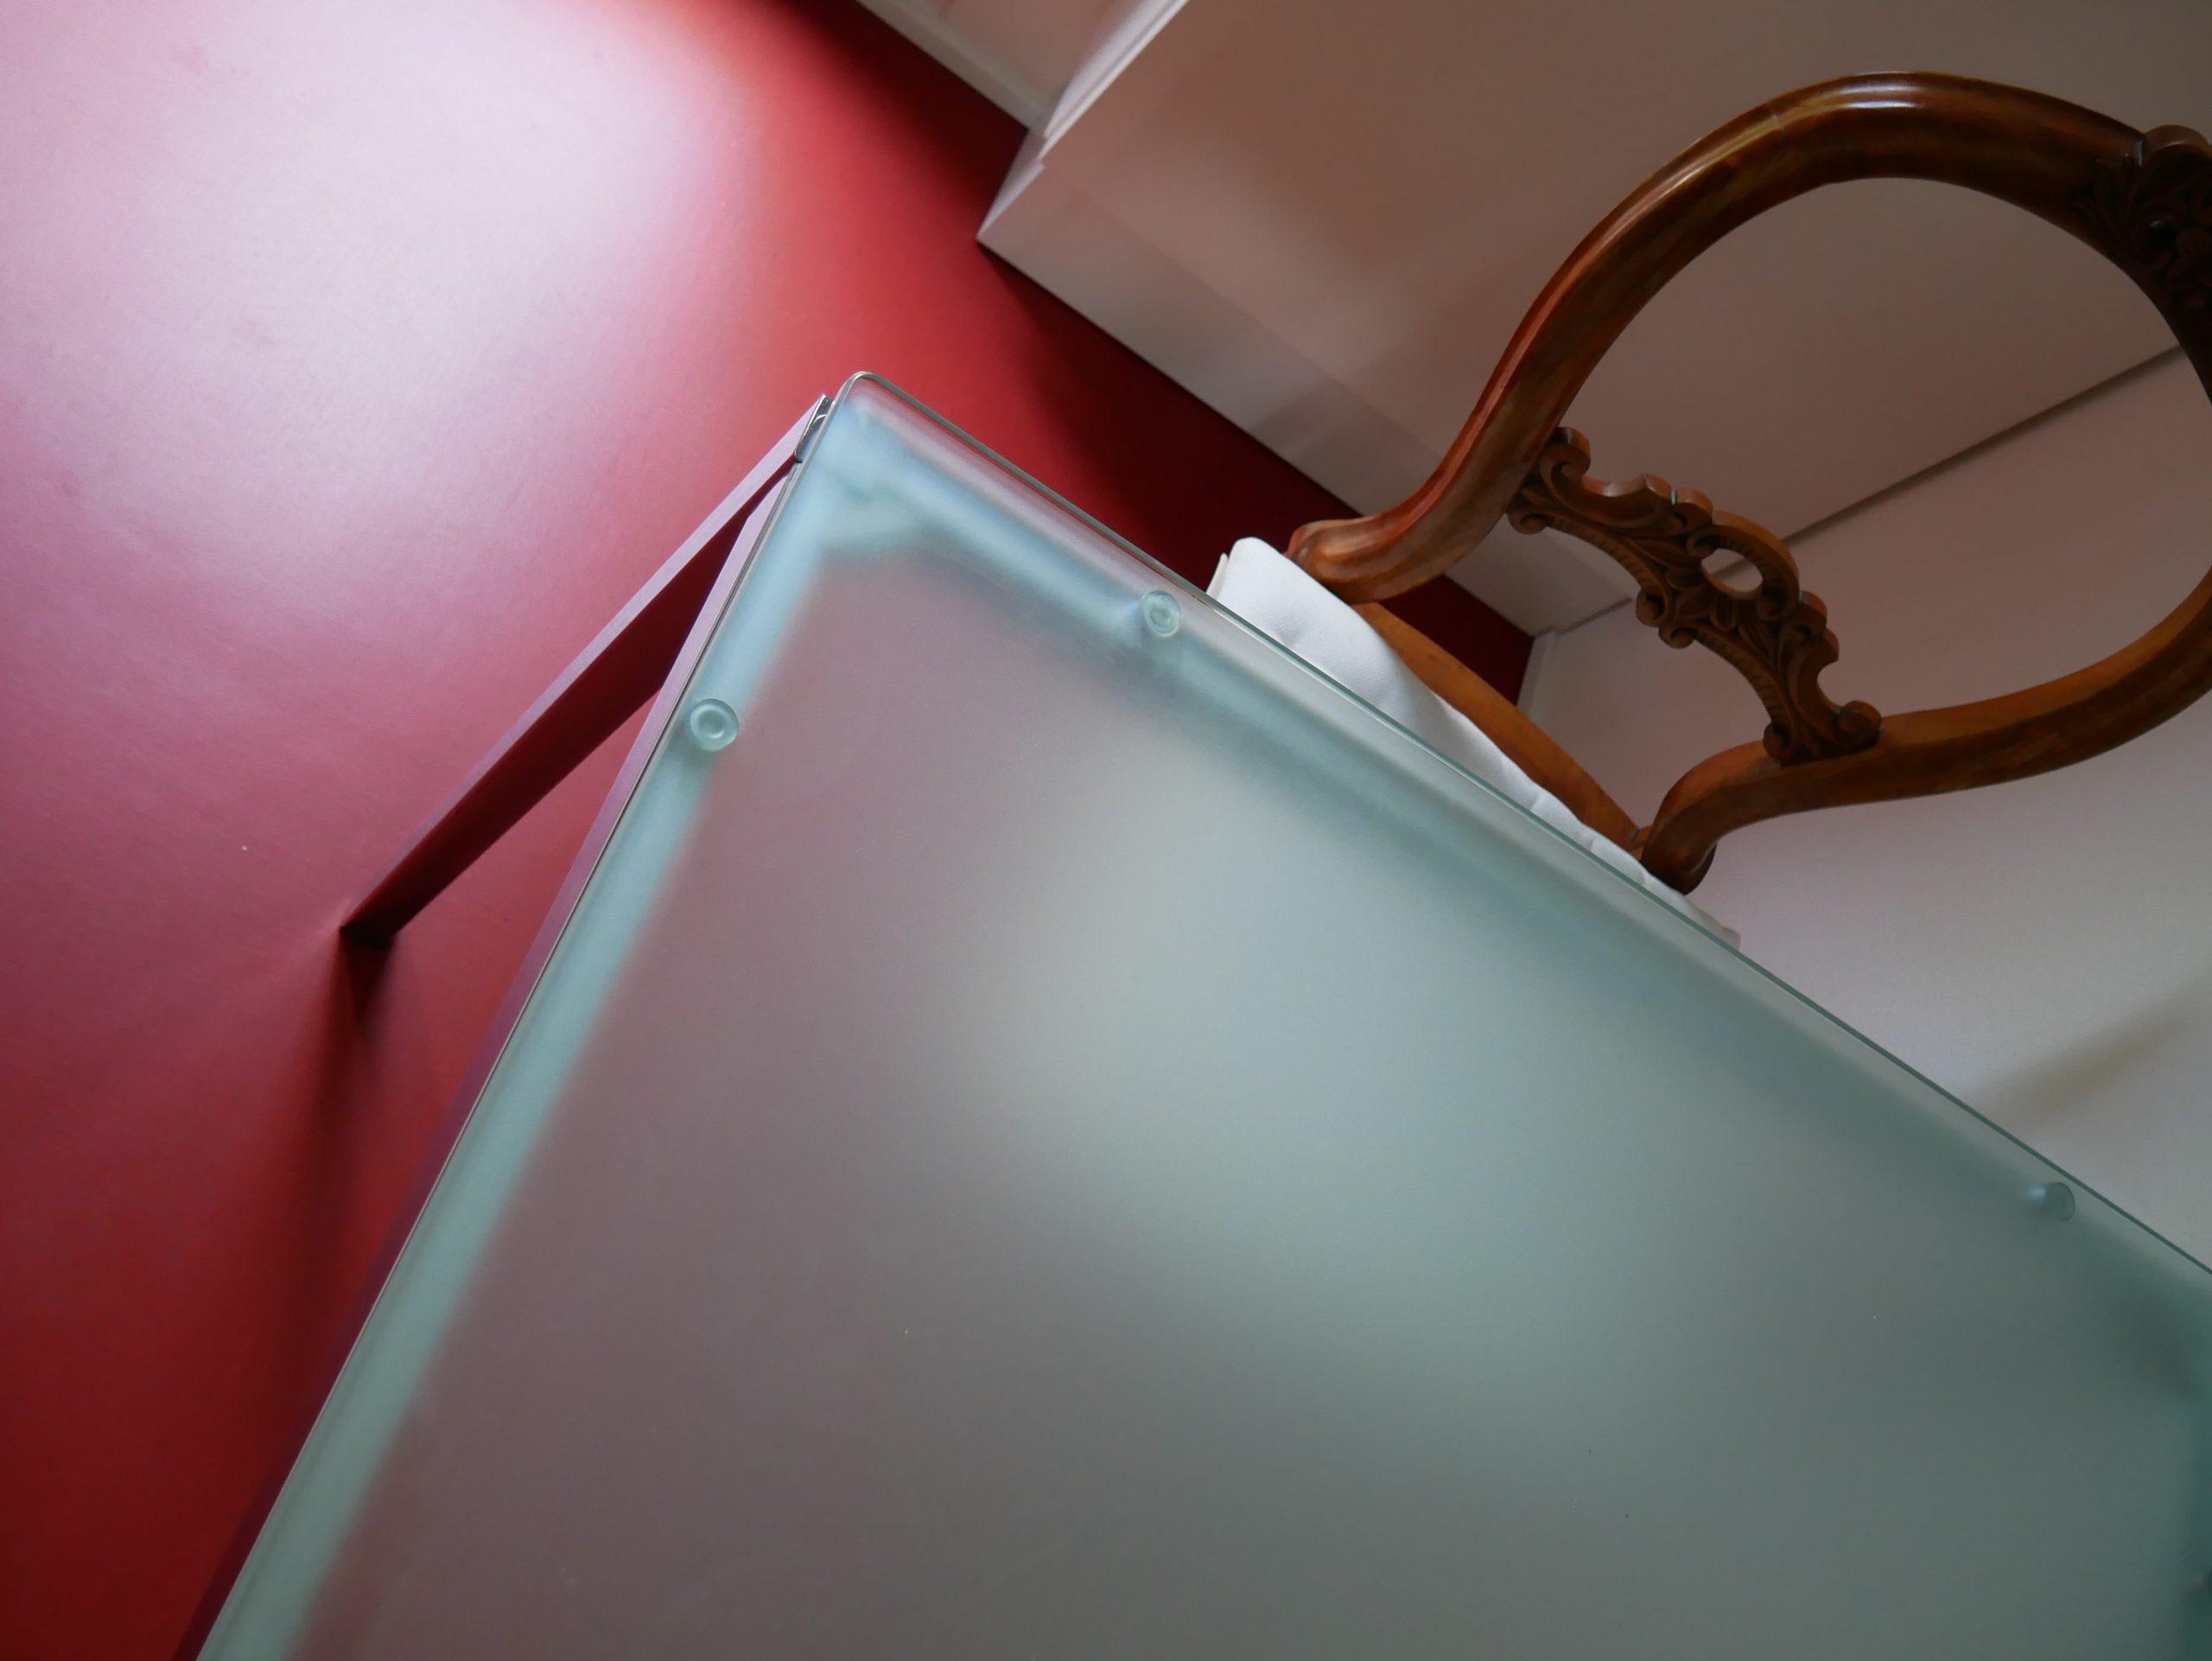 Küche mit rotem Linoleum-Boden